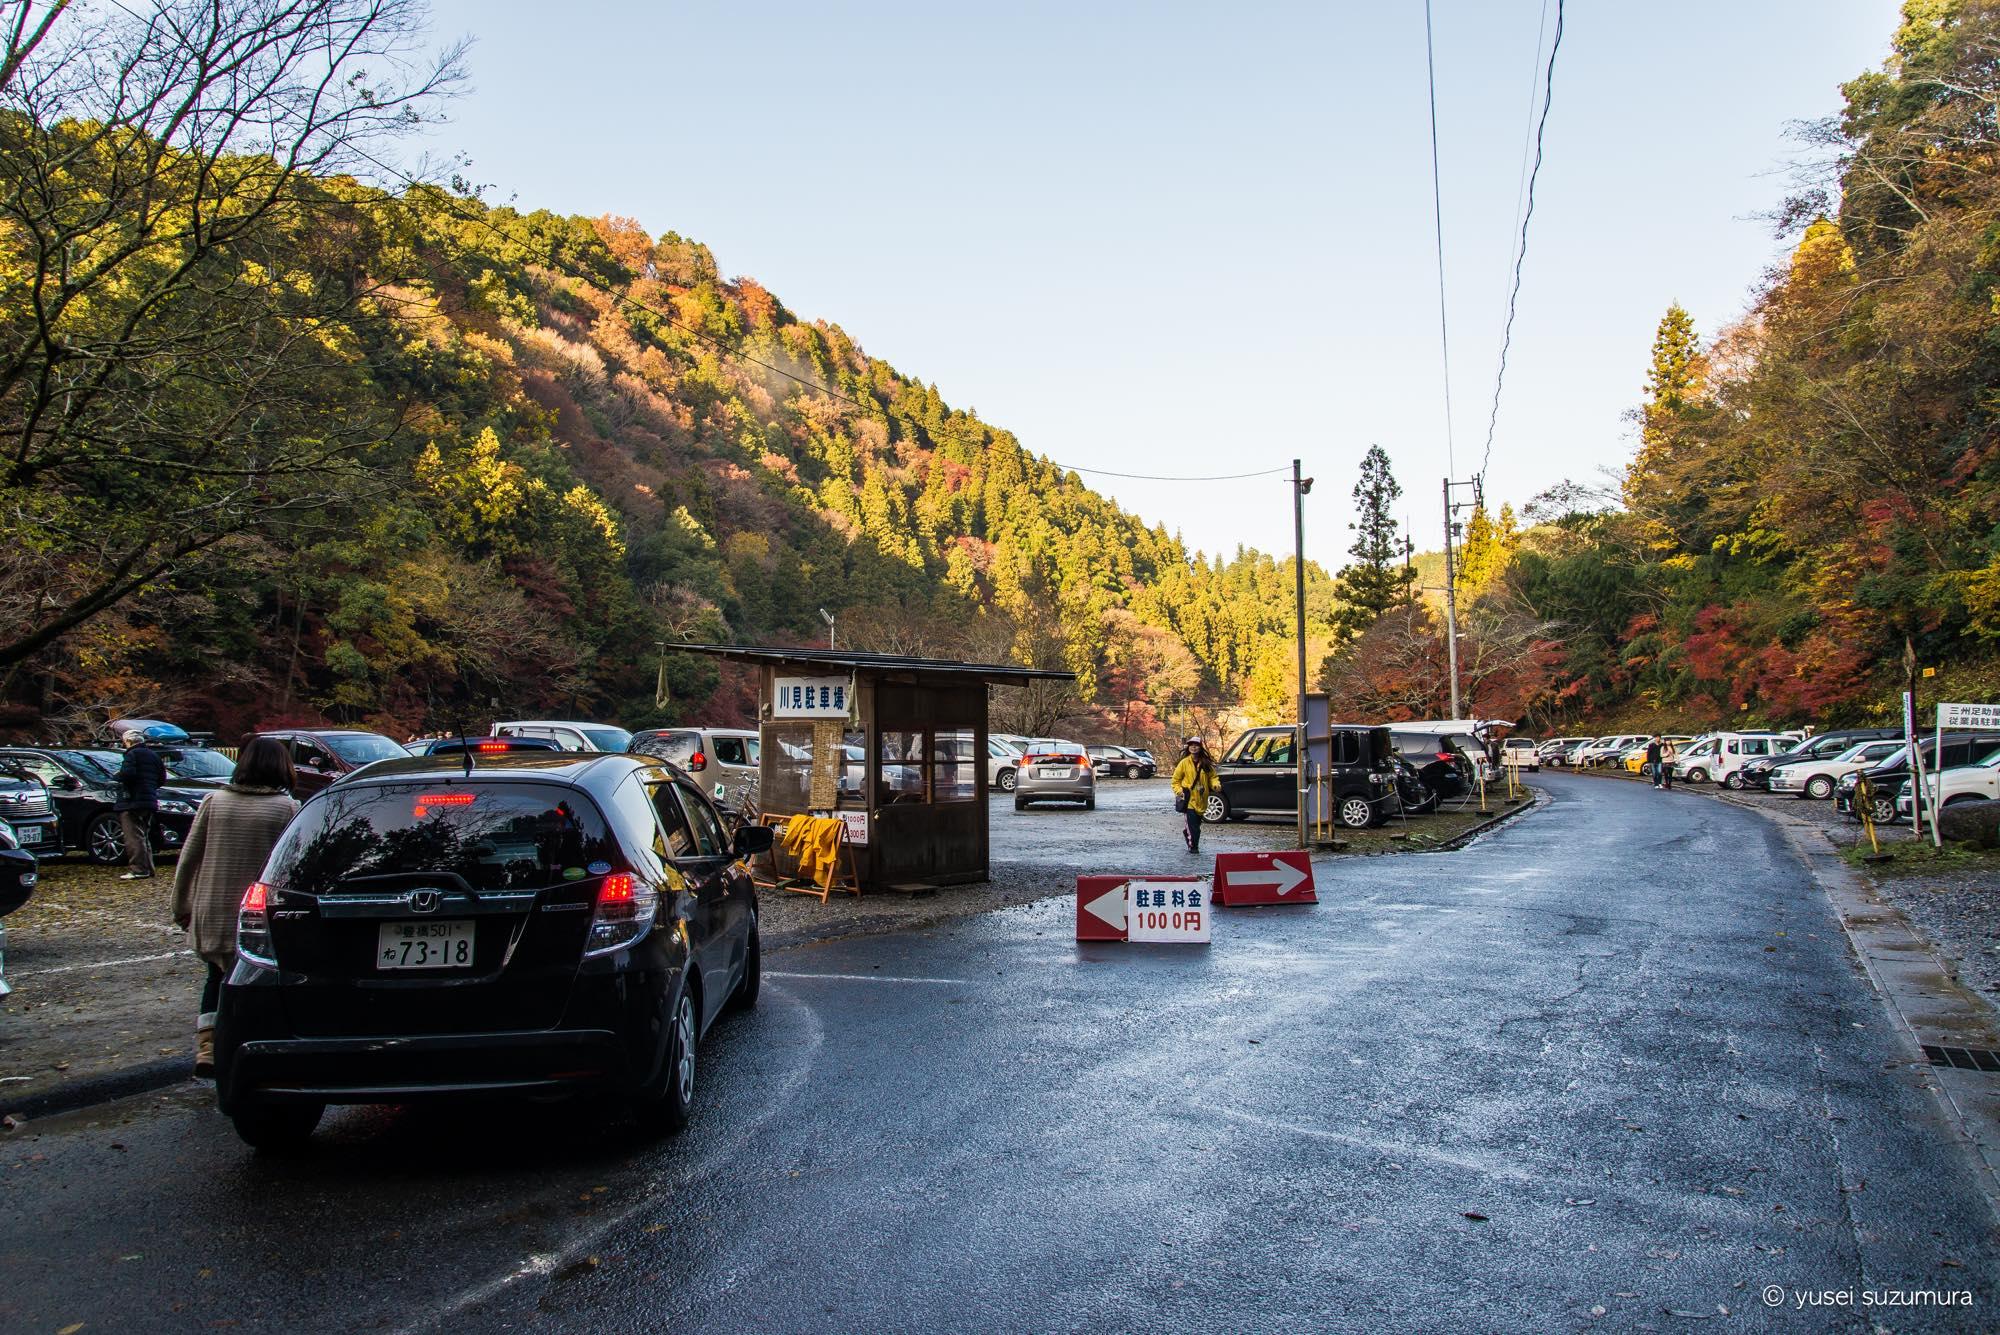 香嵐渓の駐車場